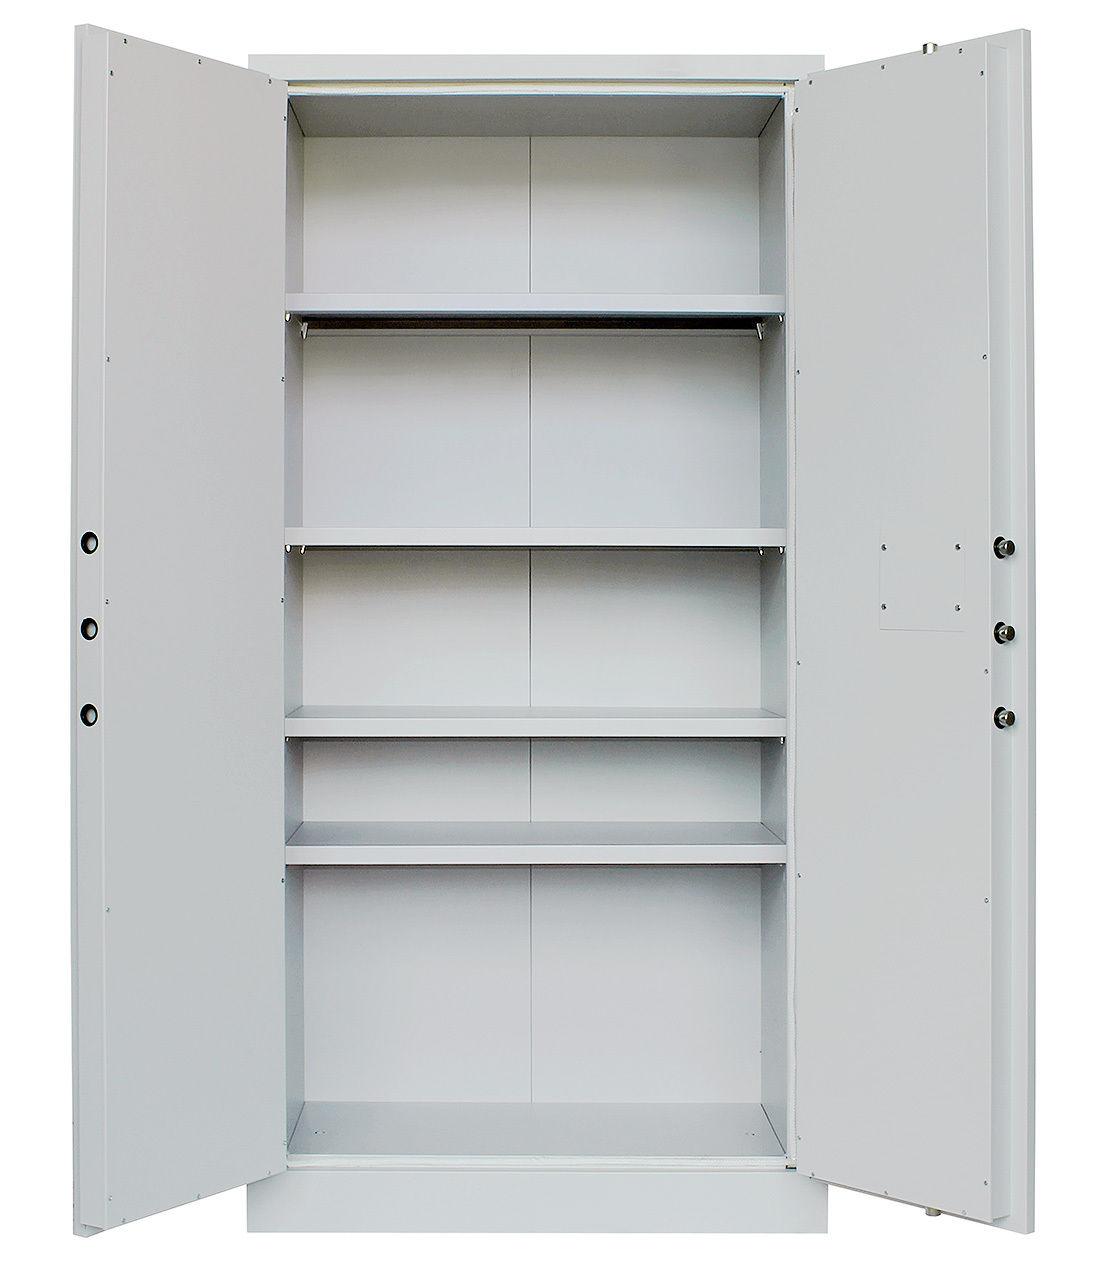 tresor feuergesch tzer sicherheitsschrank dokumentschrank wertschrank grau 7035 ebay. Black Bedroom Furniture Sets. Home Design Ideas